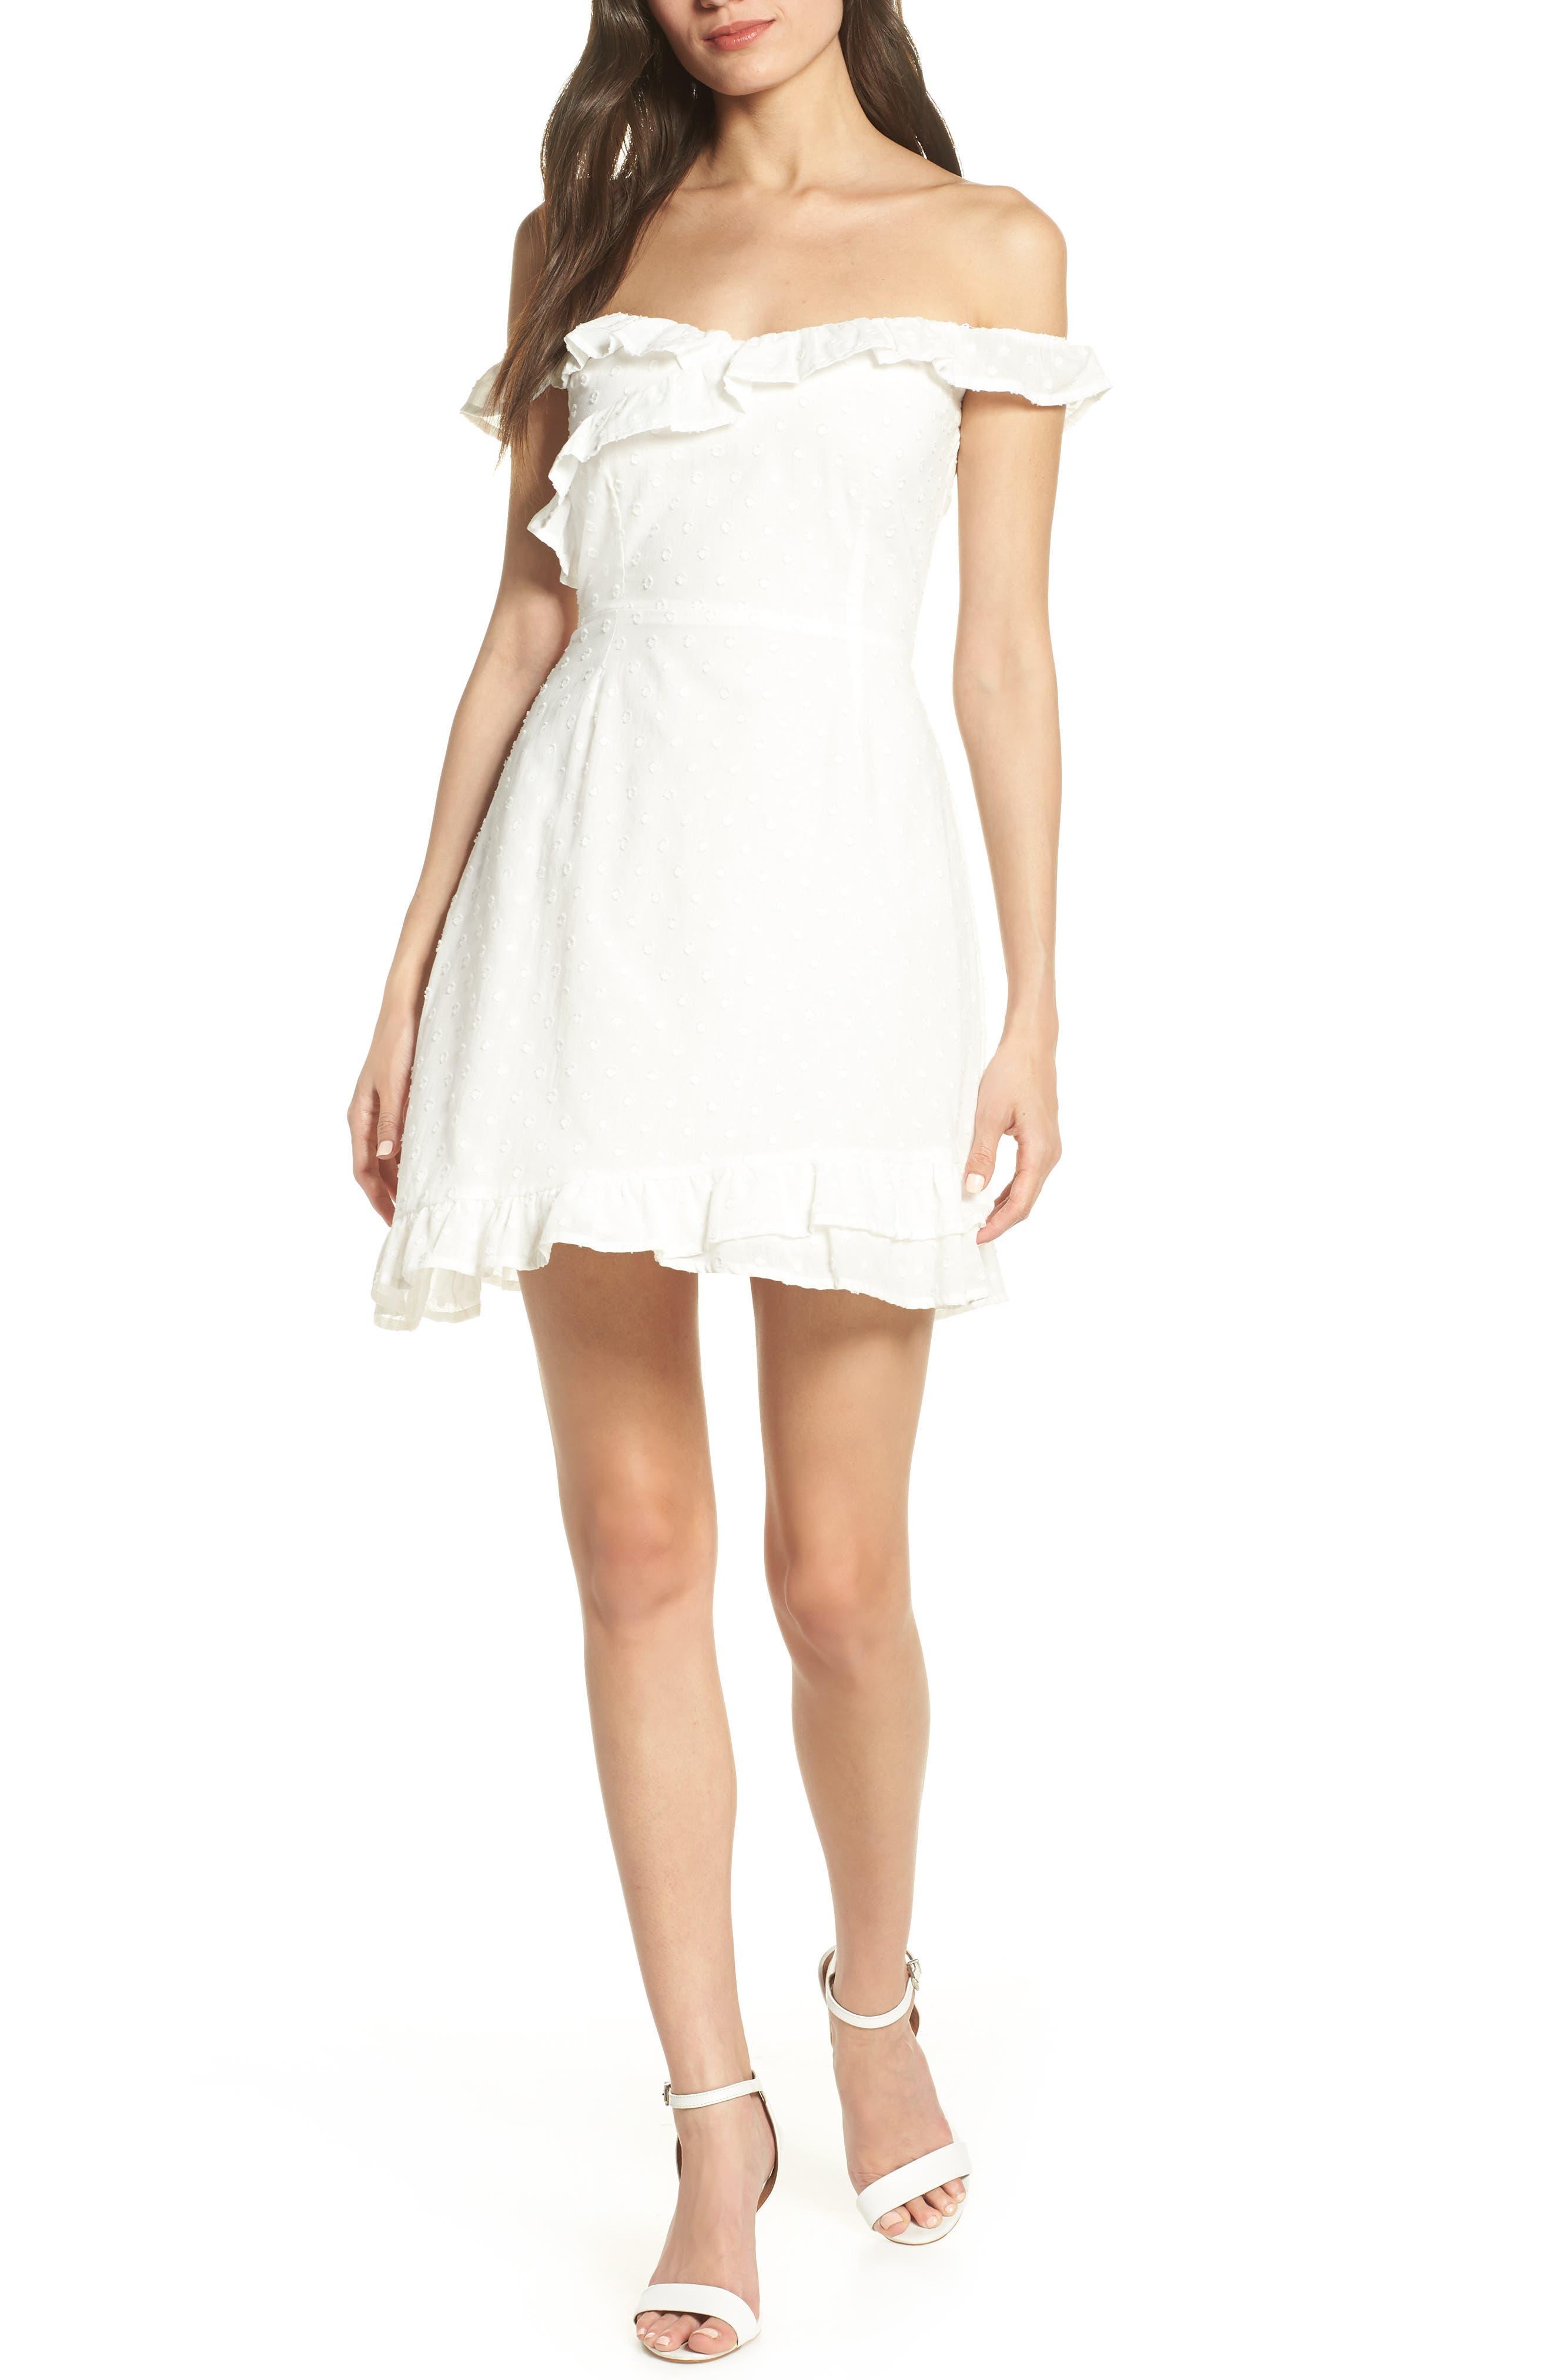 Bb Dakota Say No More Wear Two Ways Cotton Dress, Ivory